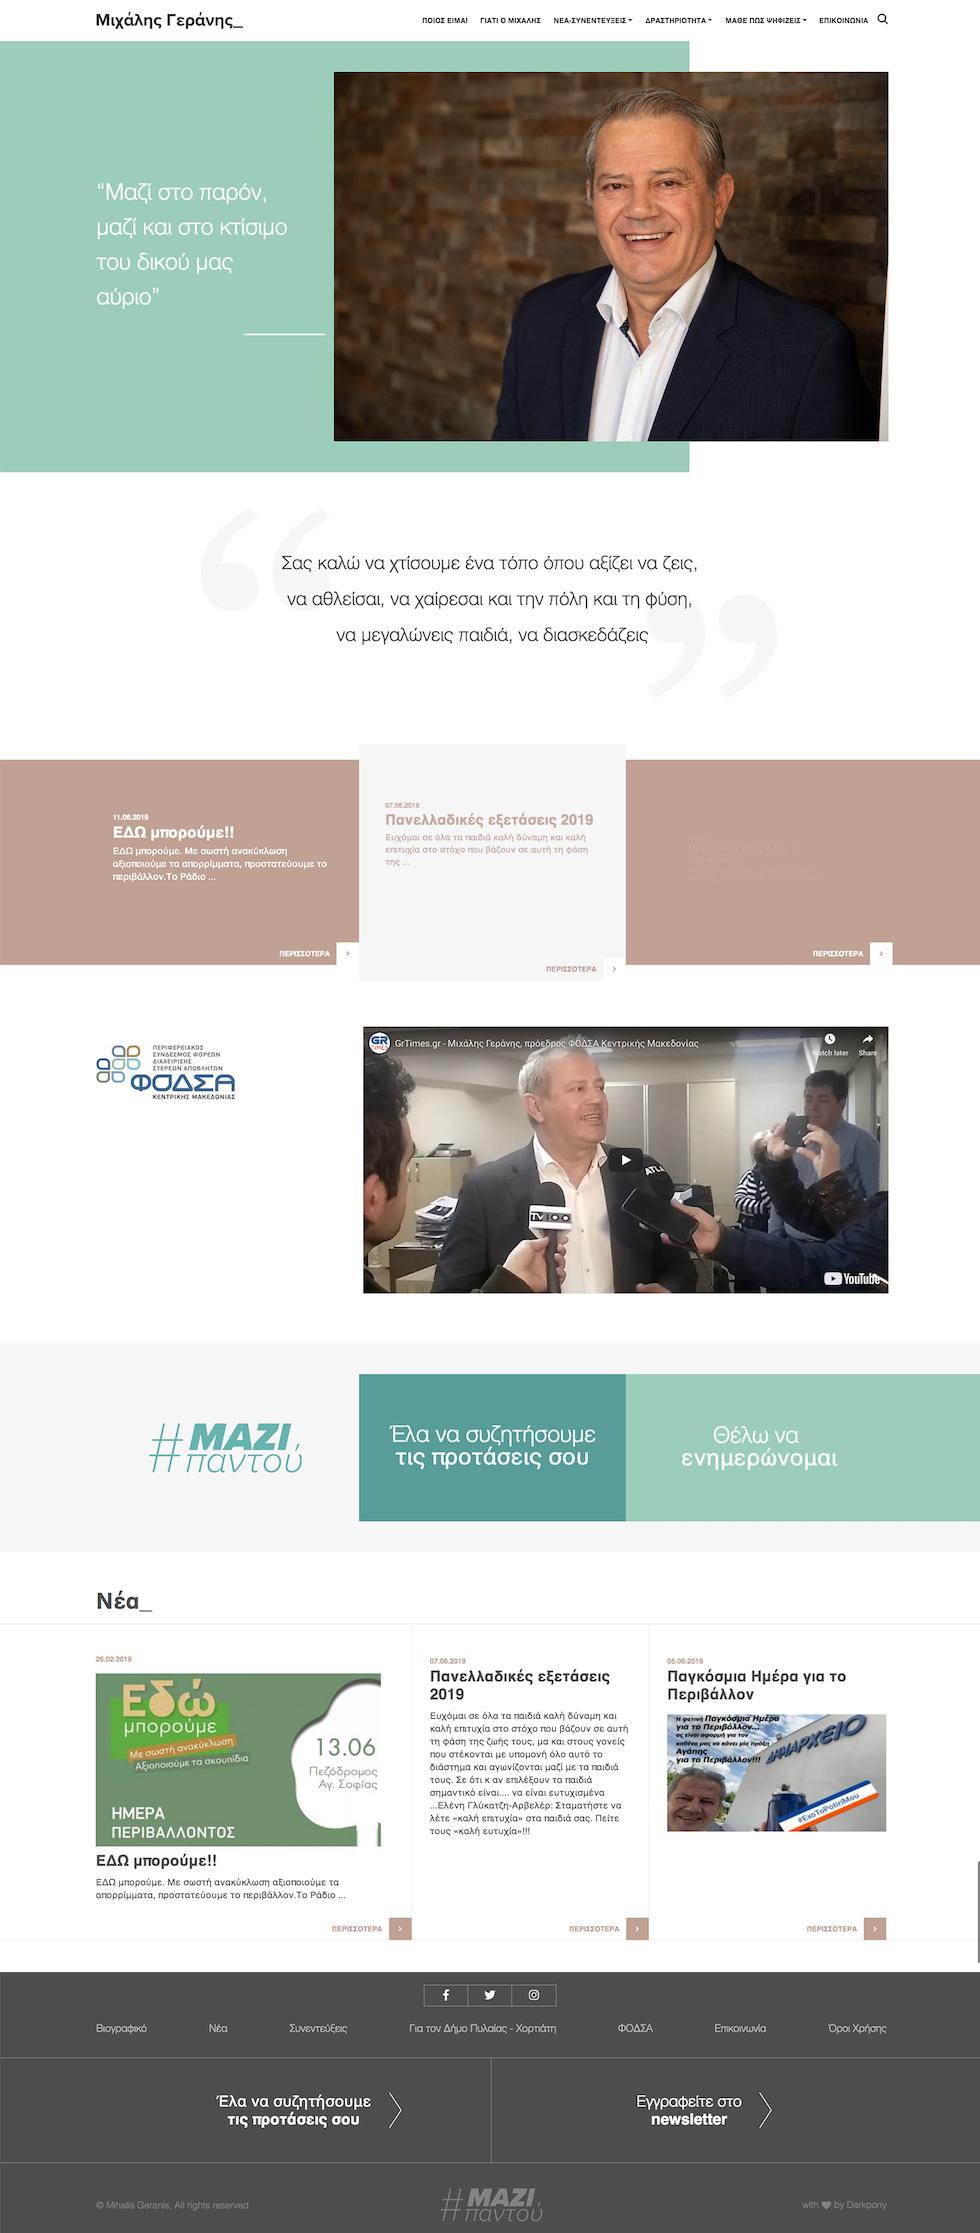 Geranis-Homepage